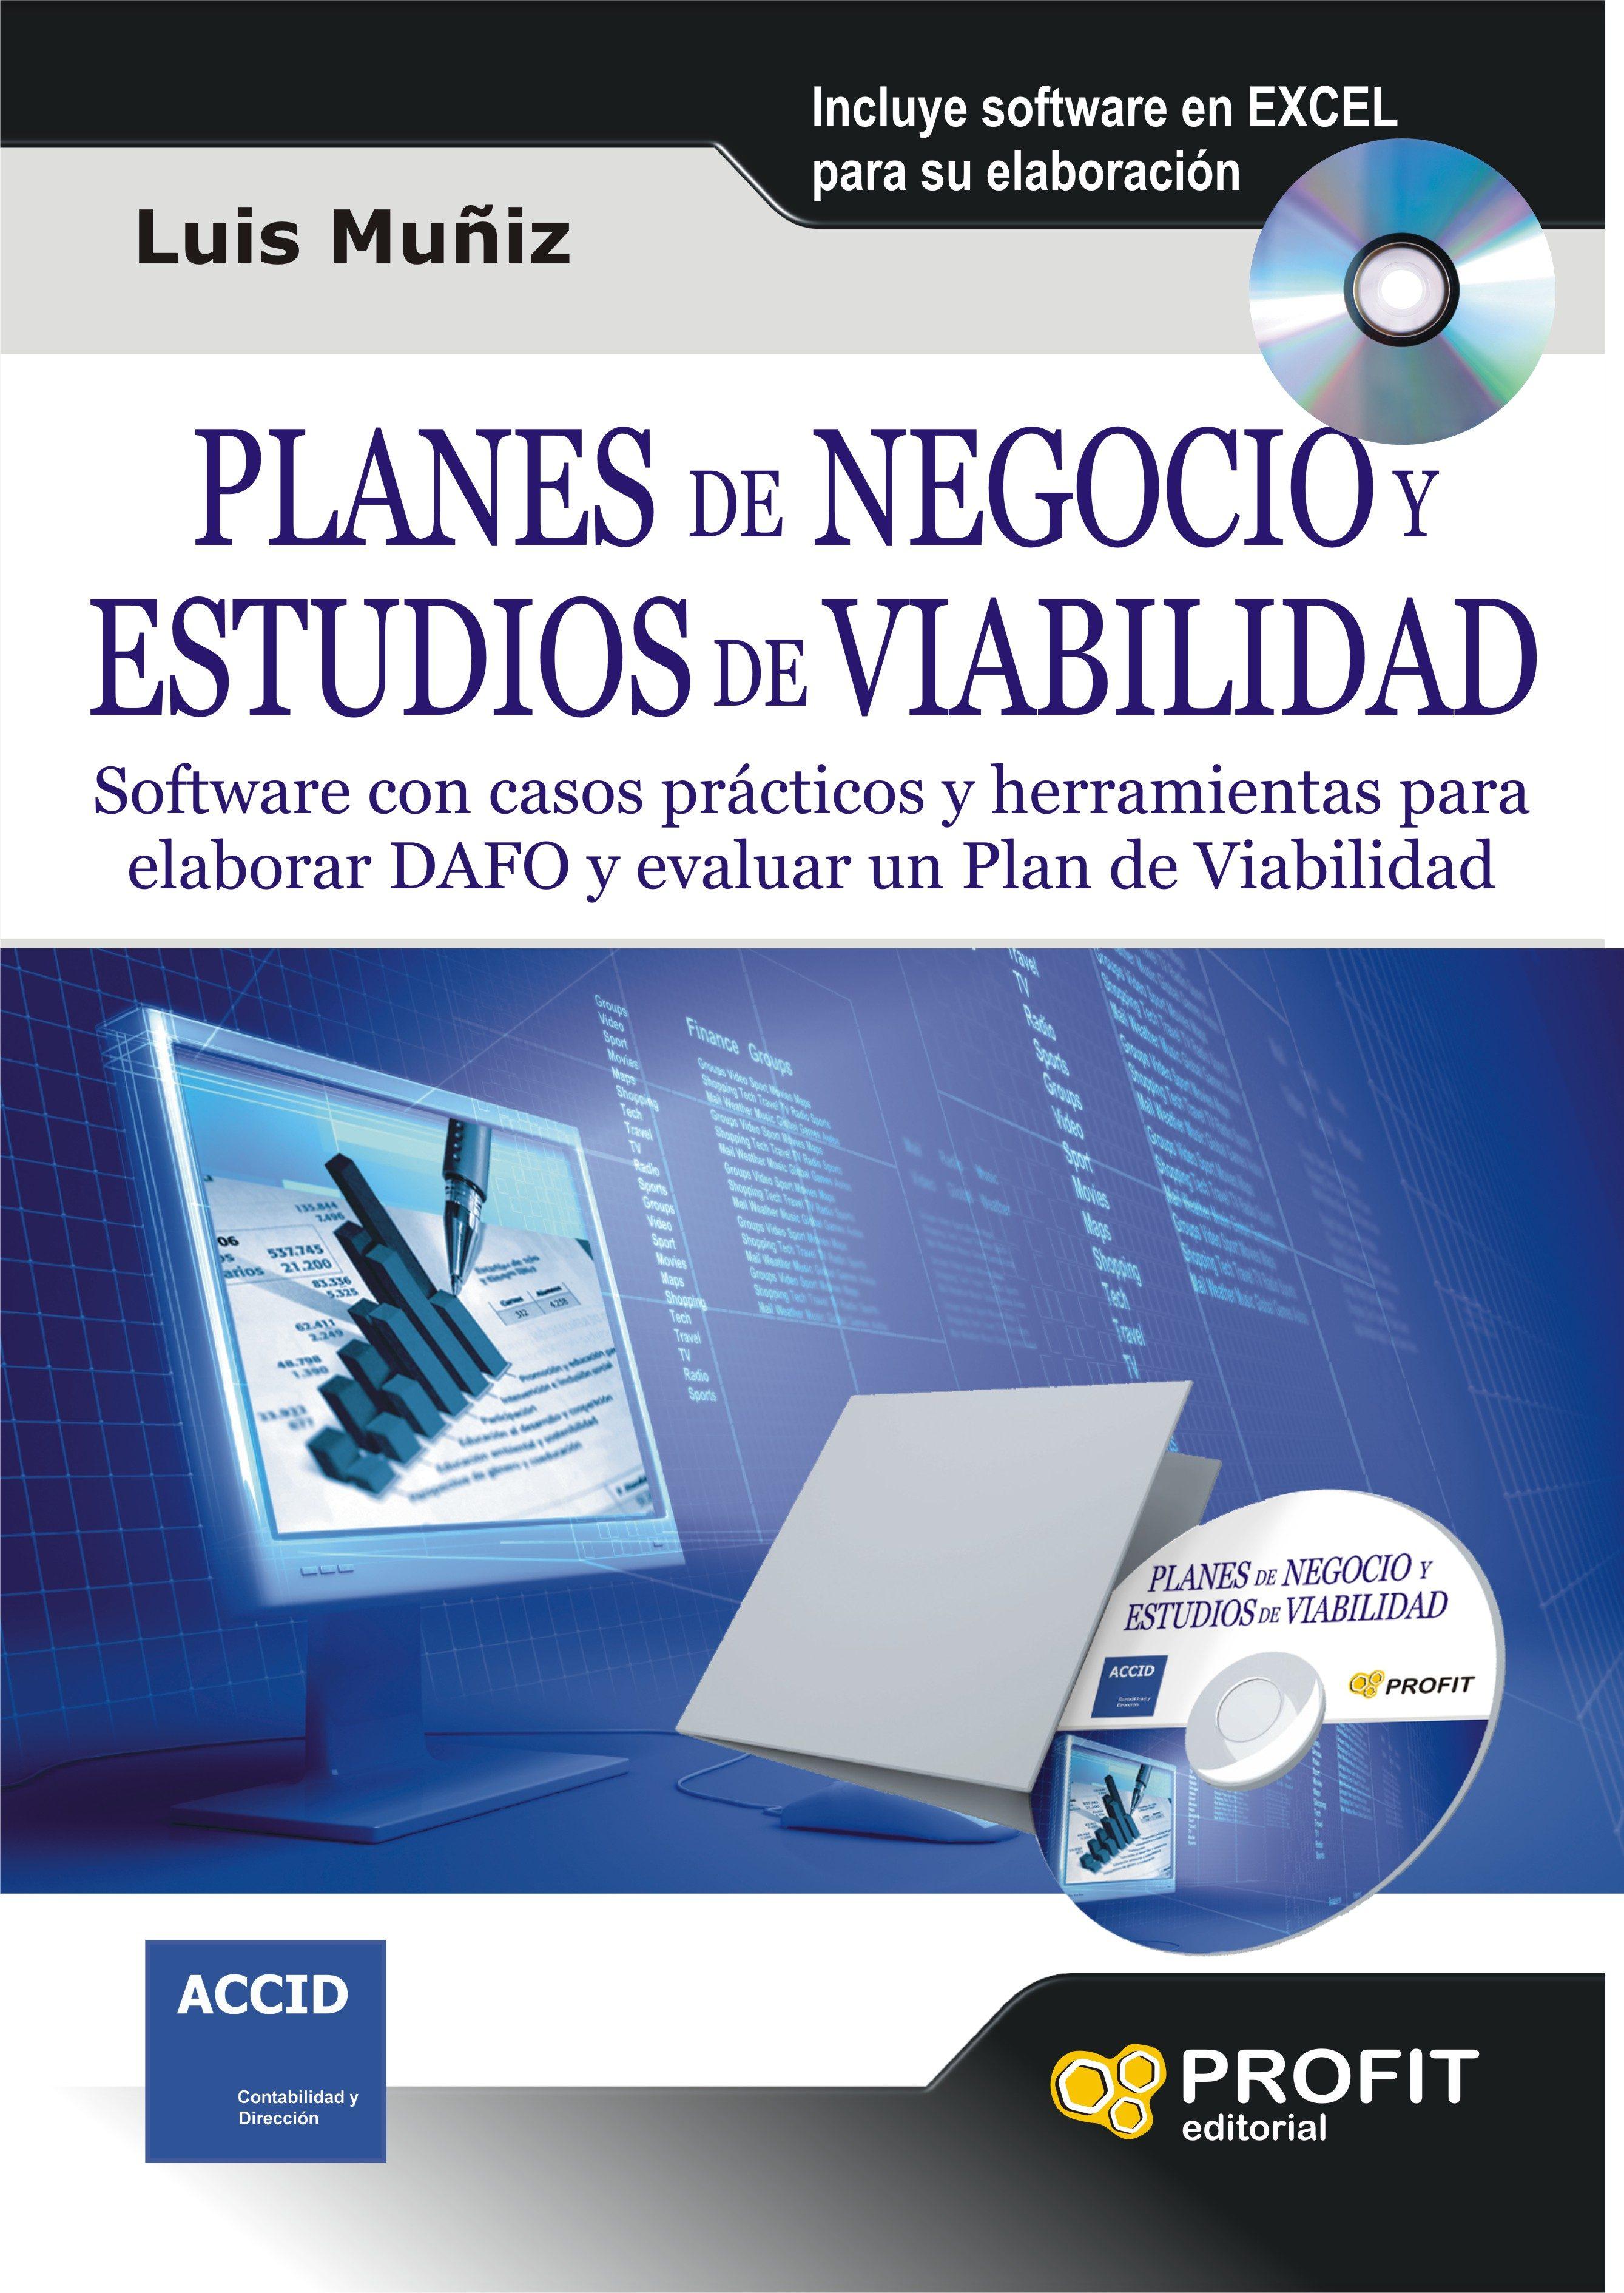 Planes de negocio y estudios de viabilidad: software con casos prácticos y herramientas para elaborar dafo y evaluar un plan de viabilidad luís muñiz gonzález